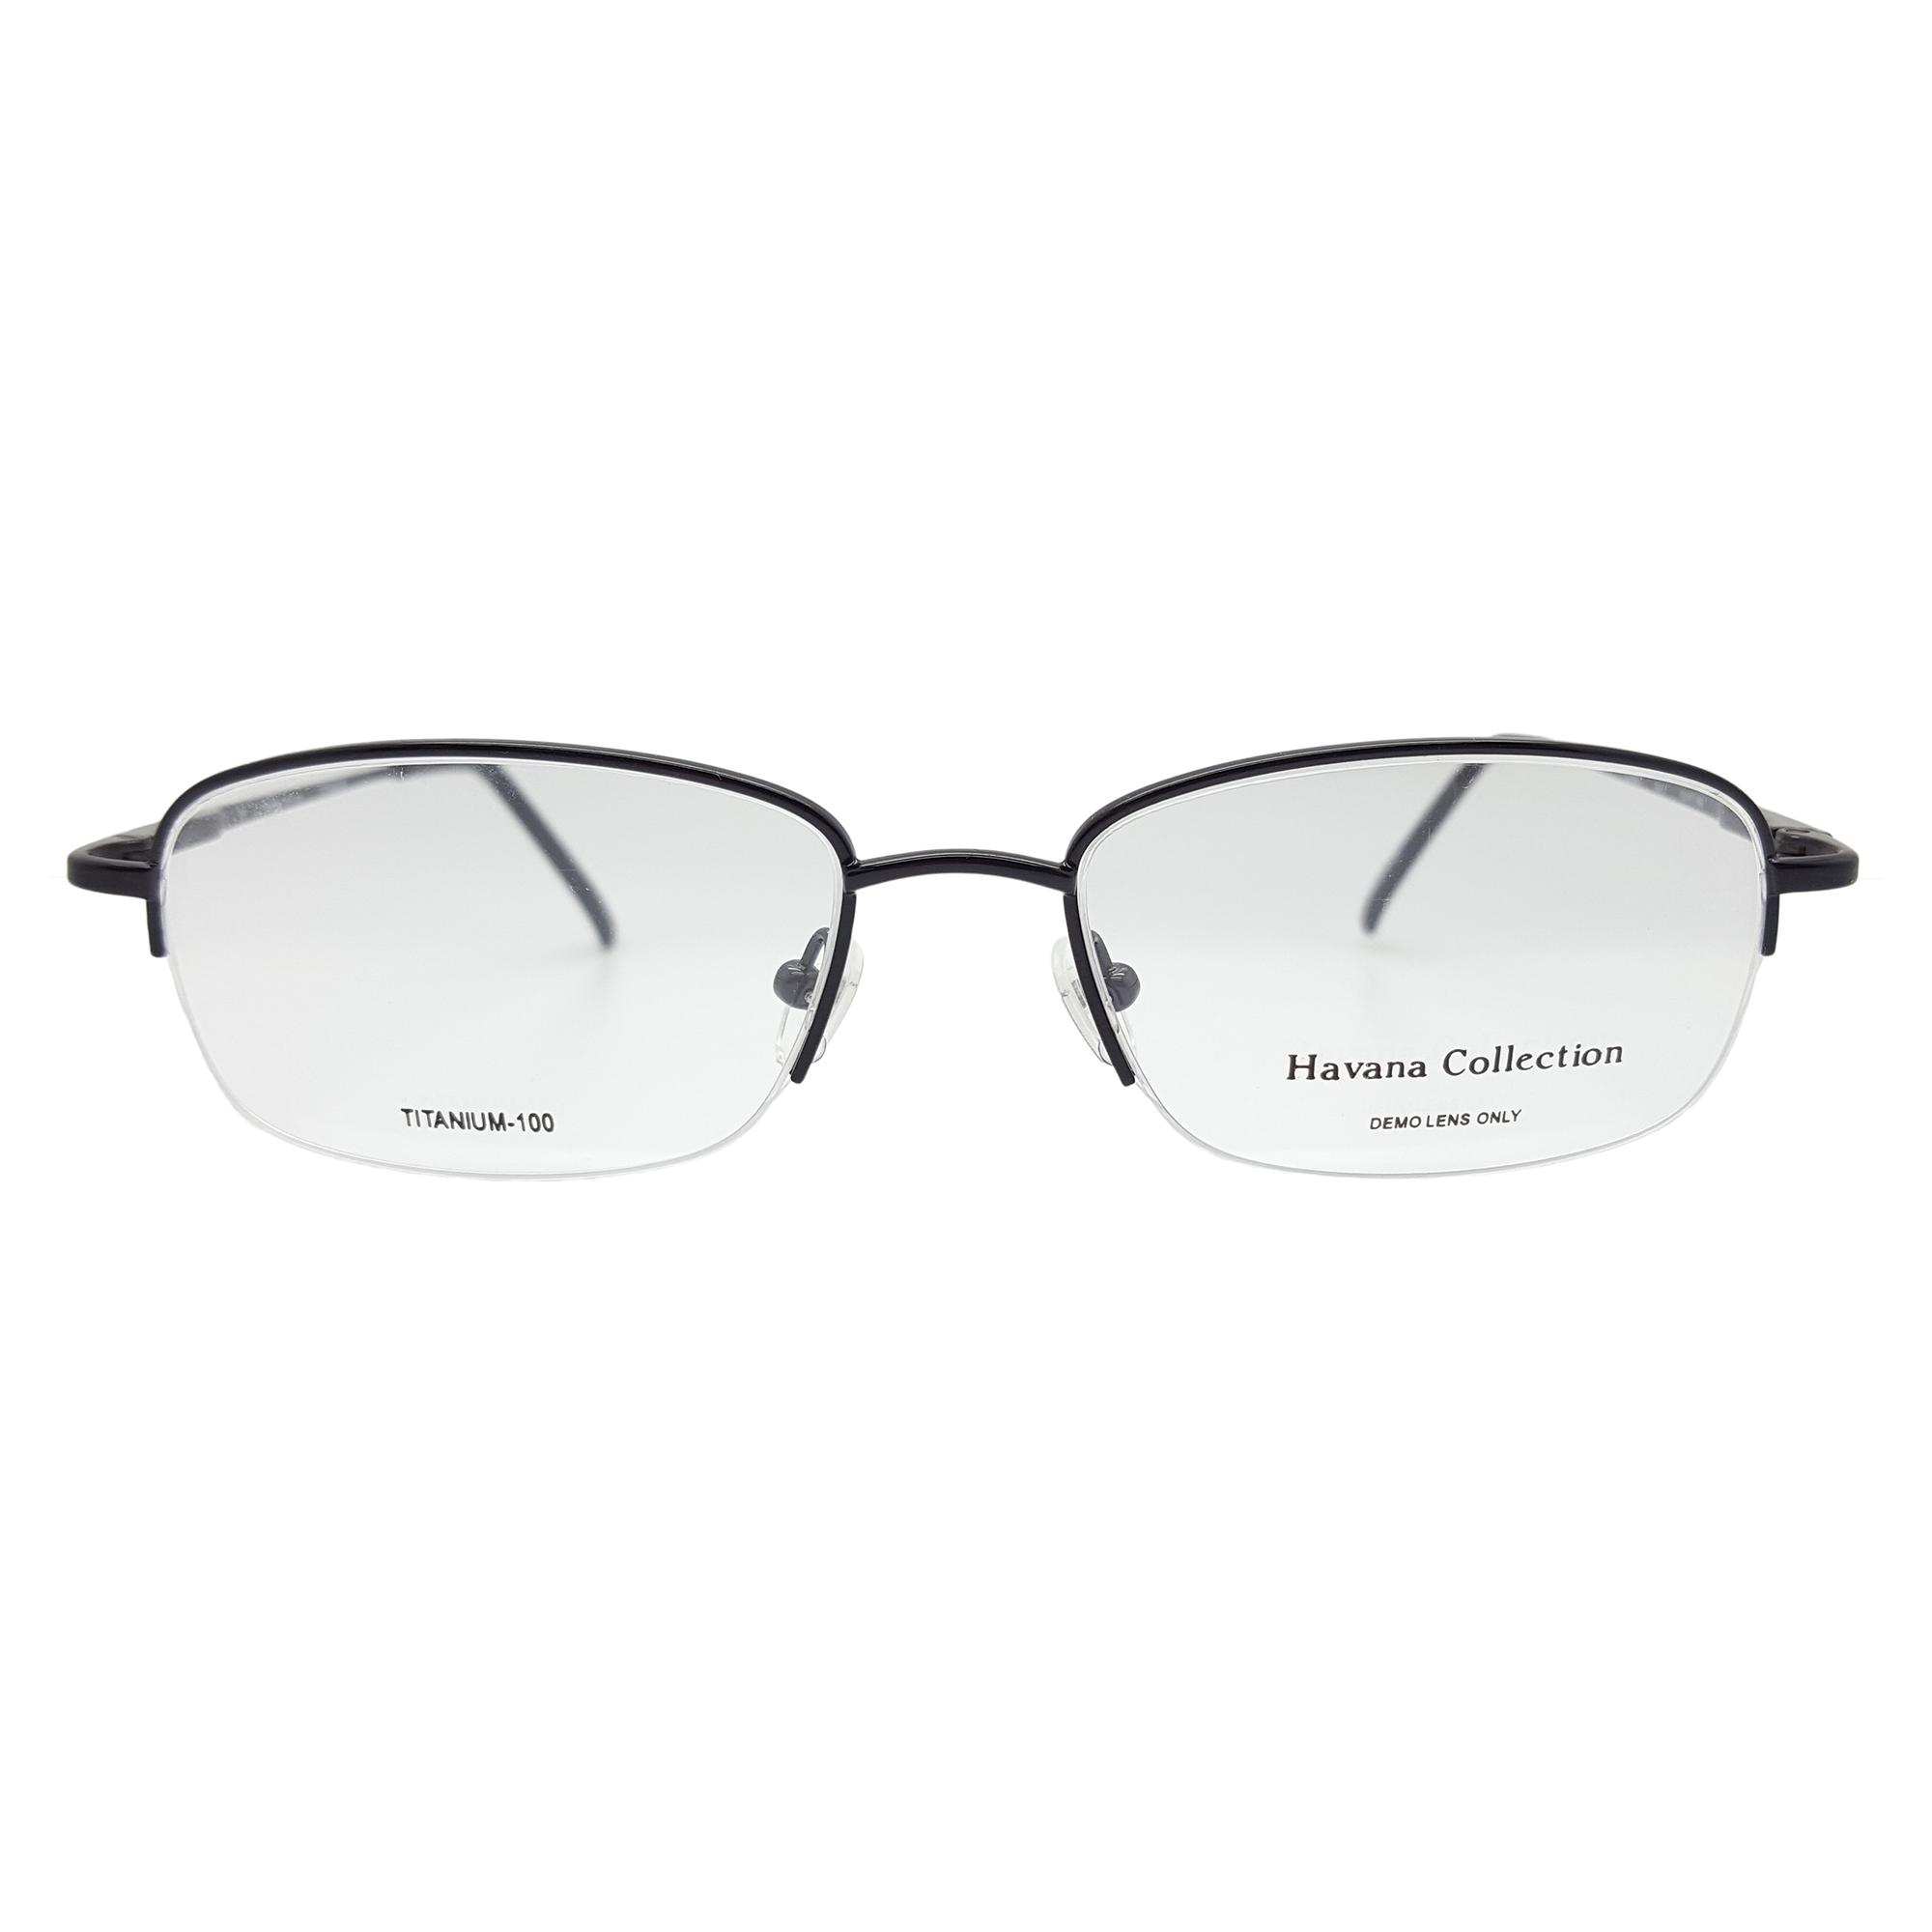 b7e8fa2541d Details about Havana Collection Men s Casino Eyeglasses Frames (Black